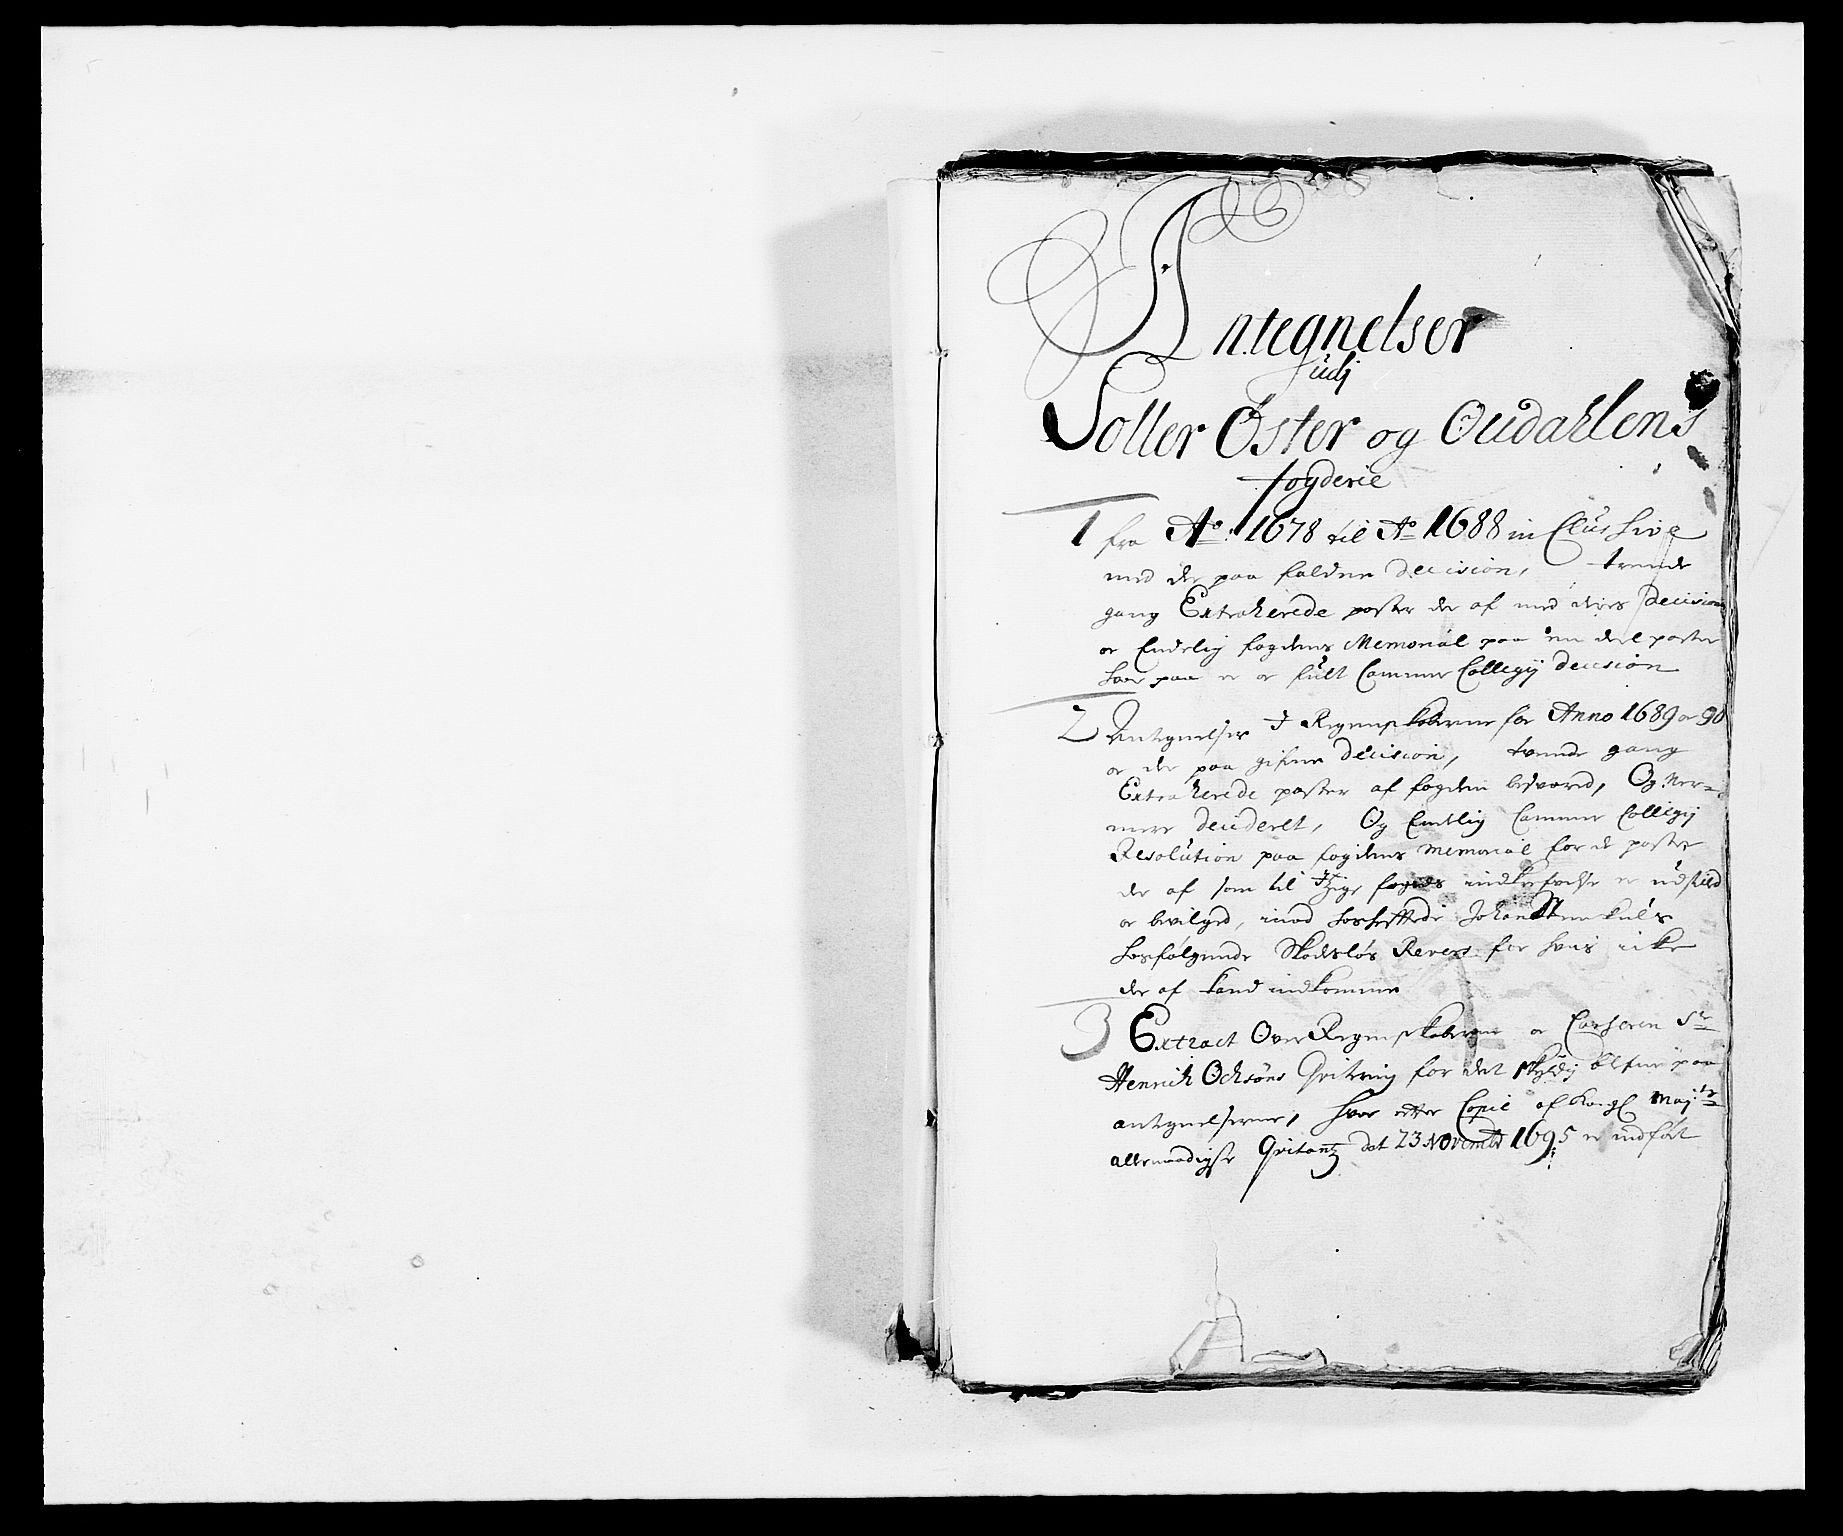 RA, Rentekammeret inntil 1814, Reviderte regnskaper, Fogderegnskap, R13/L0826: Fogderegnskap Solør, Odal og Østerdal, 1688, s. 156